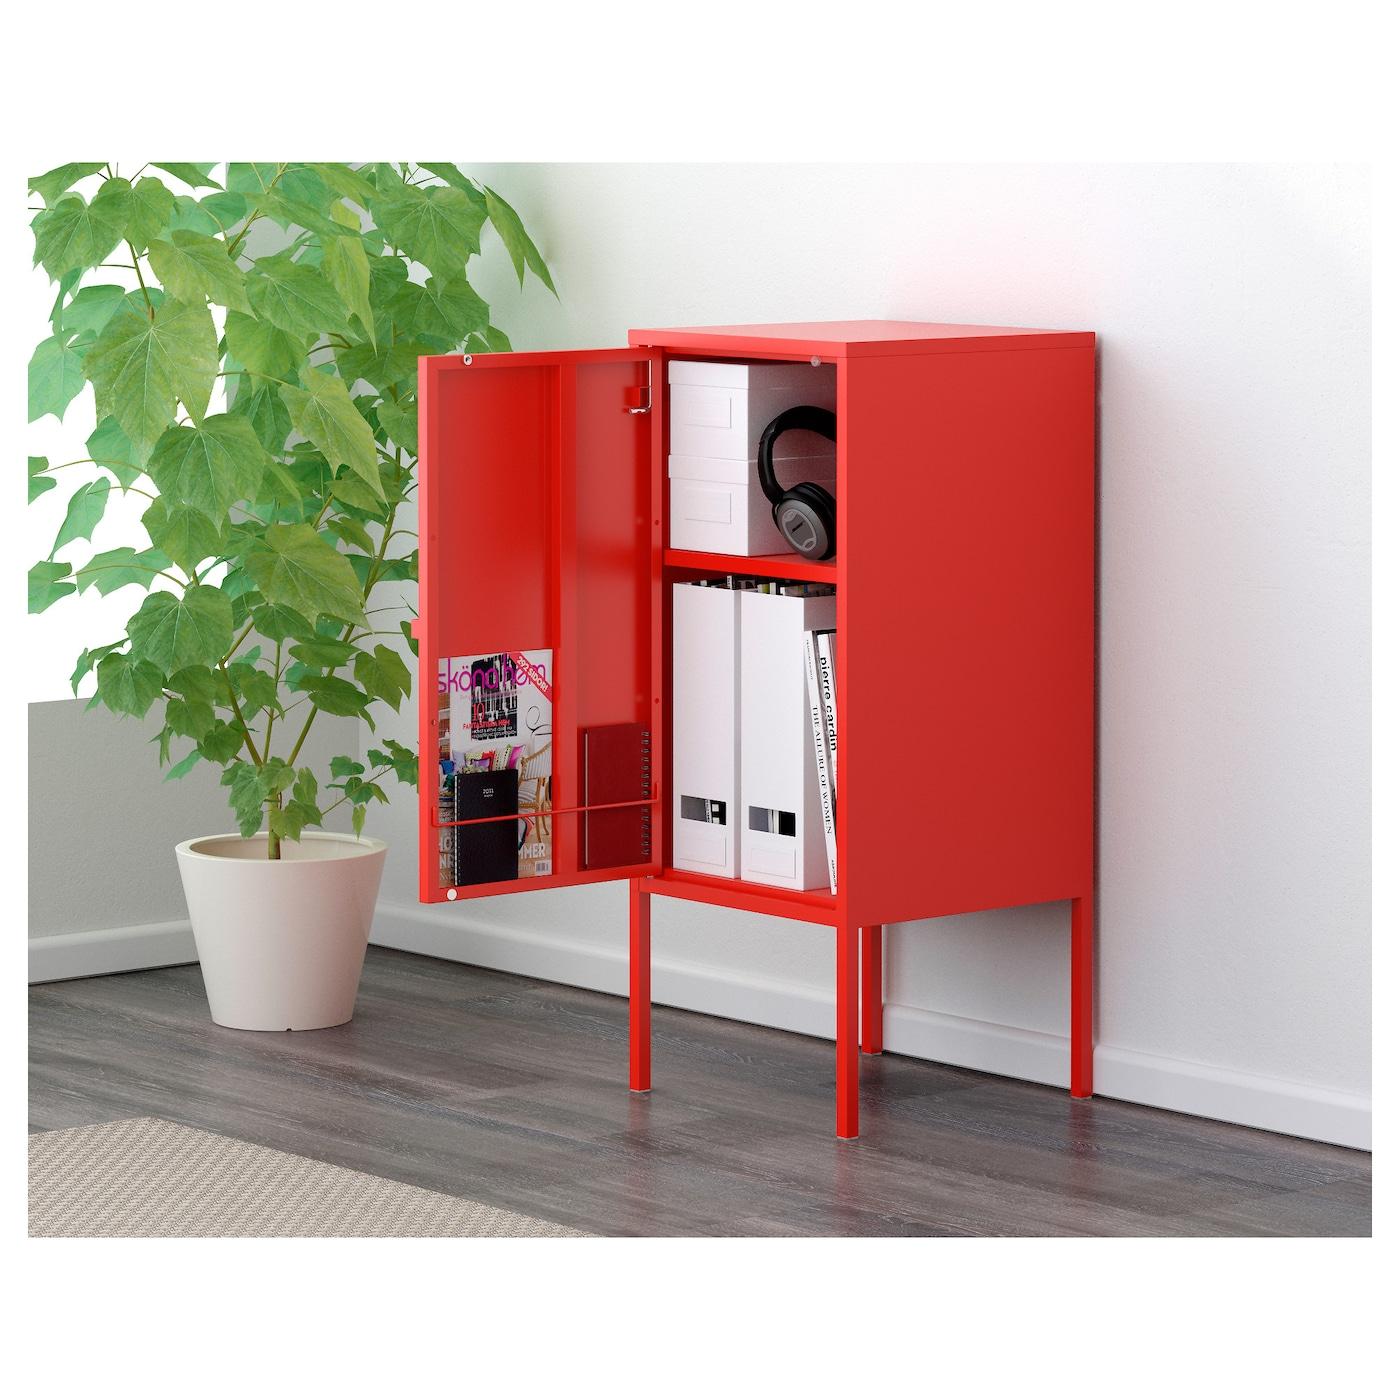 lixhult kast metaal rood 35 x 60 cm ikea. Black Bedroom Furniture Sets. Home Design Ideas